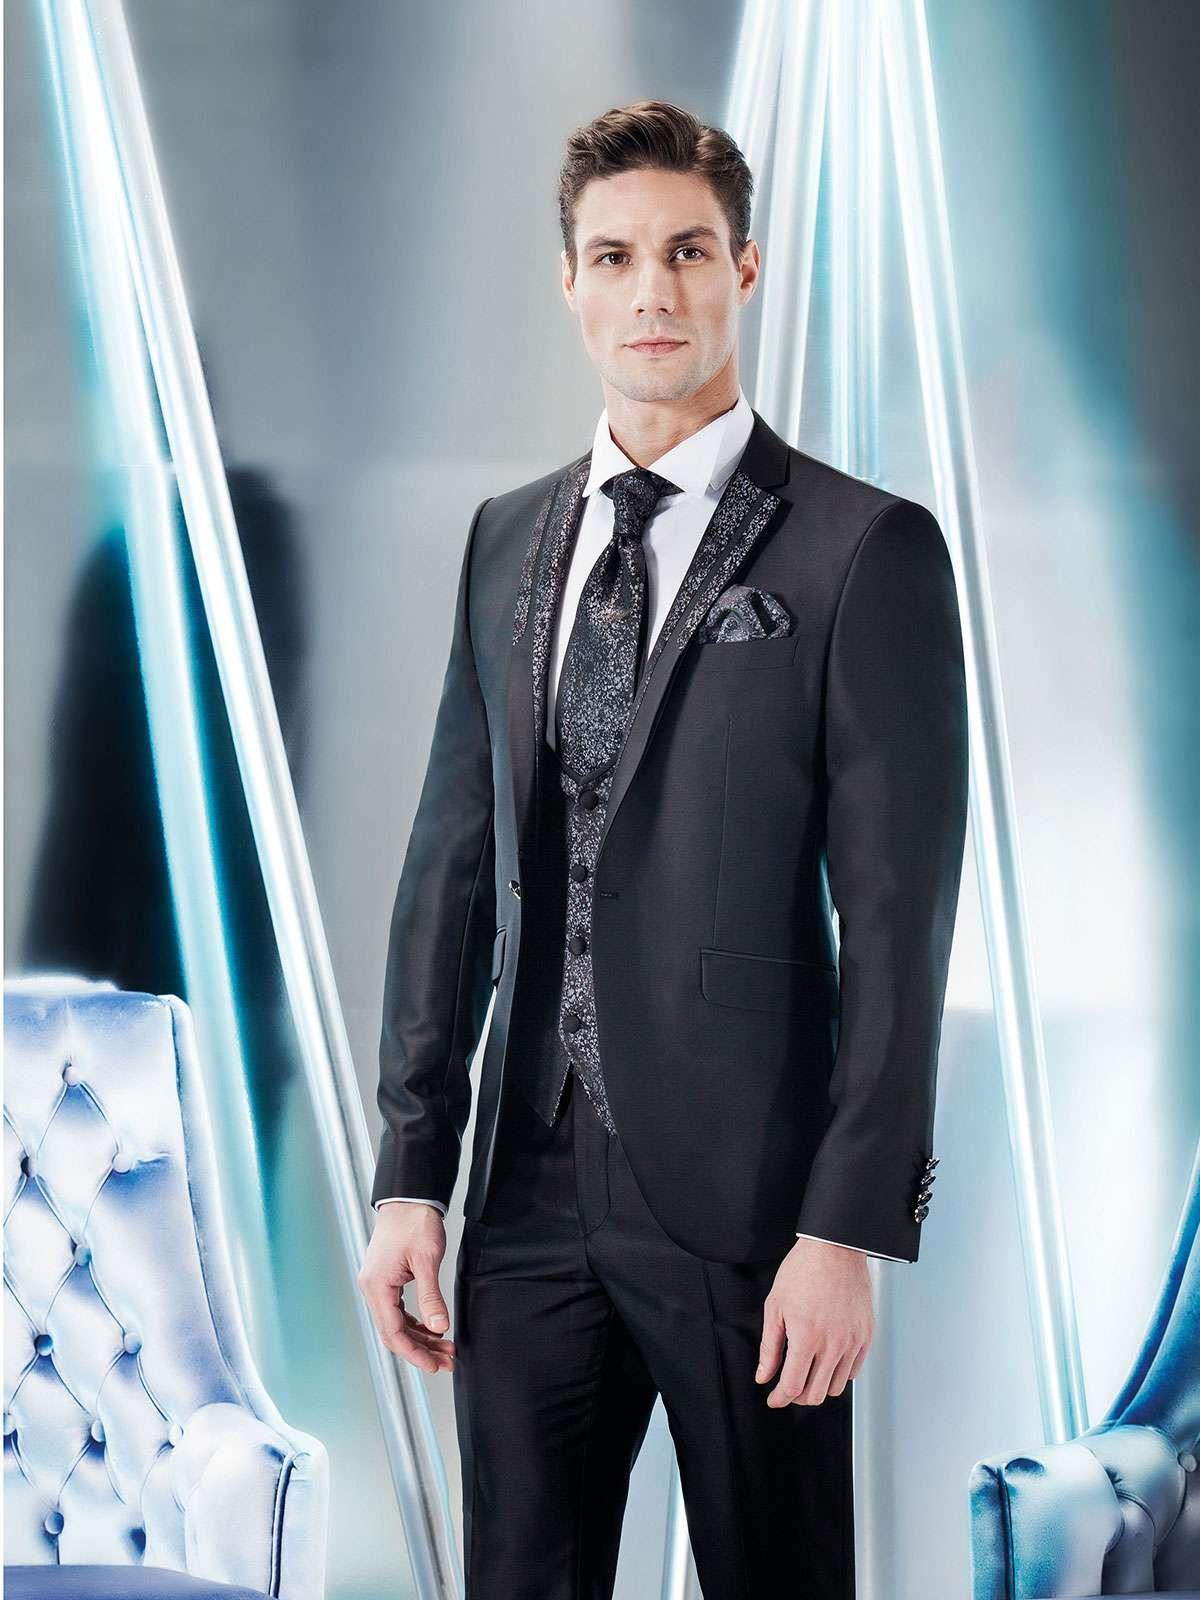 Hochzeit Anzug Mann / Hochzeitsanzuge Dobell  Ihre